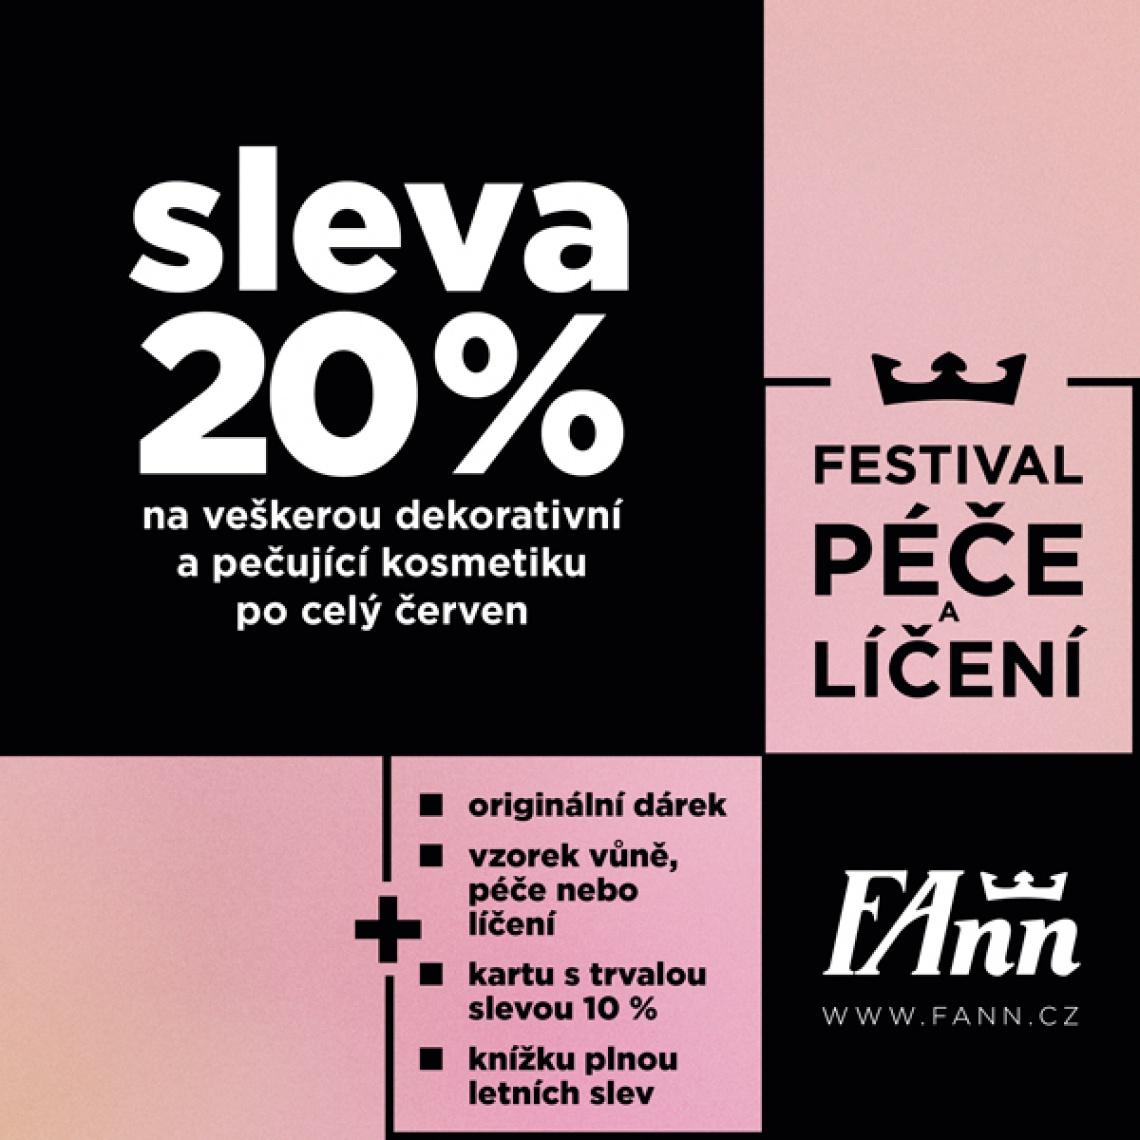 de51bb014f FAnn - Festival péče a líčení - FAnn